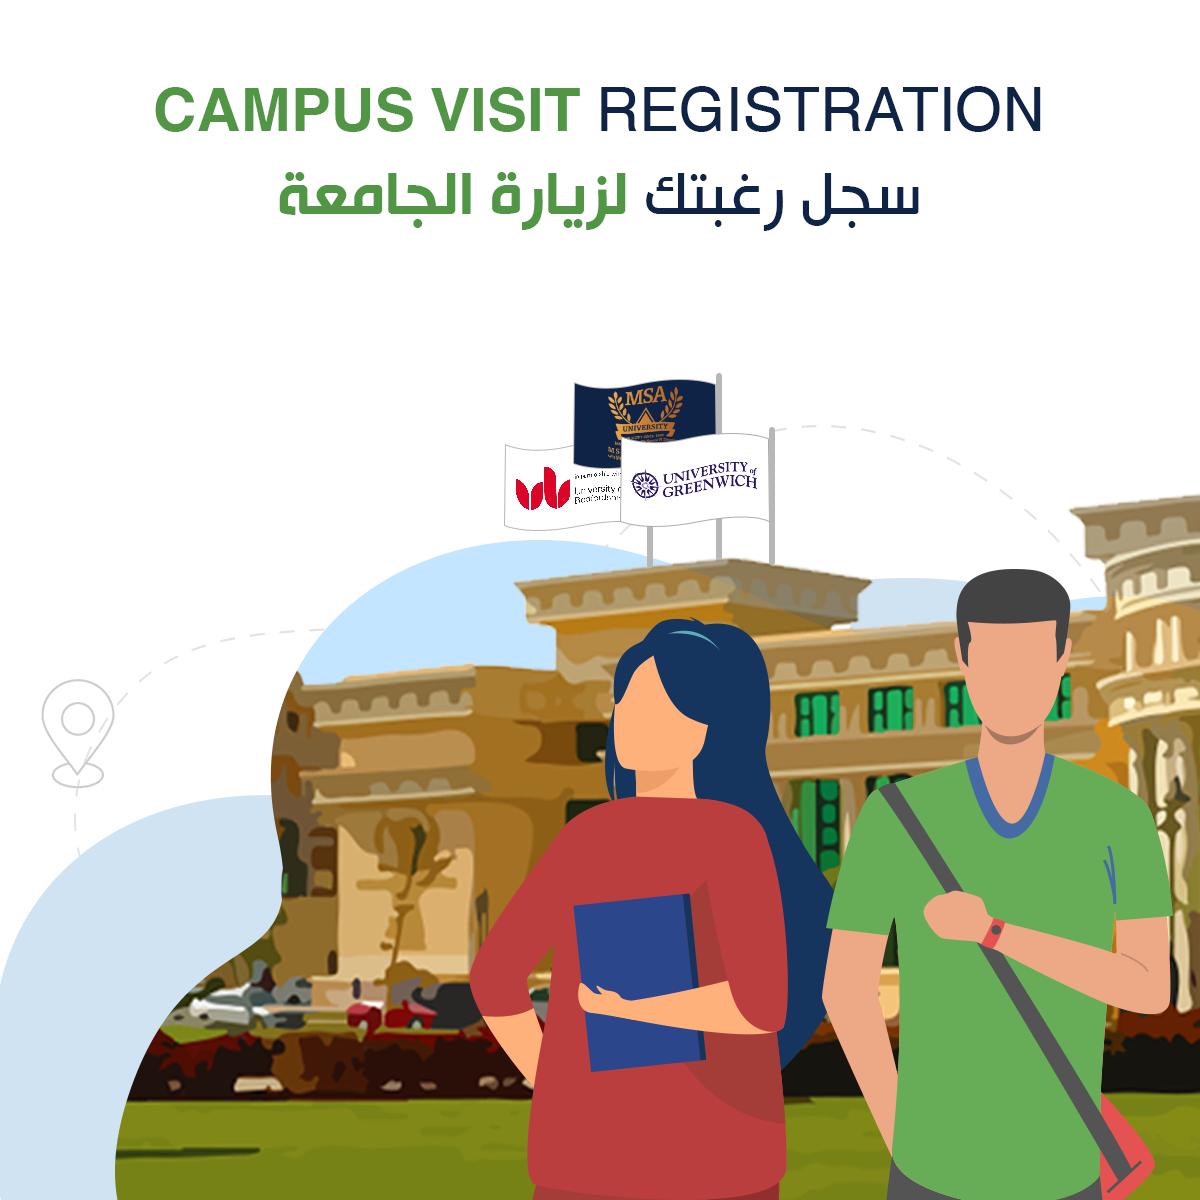 Campus Visit <strong>Registration</strong><br /> سجل رغبتك لزيارة الجامعة